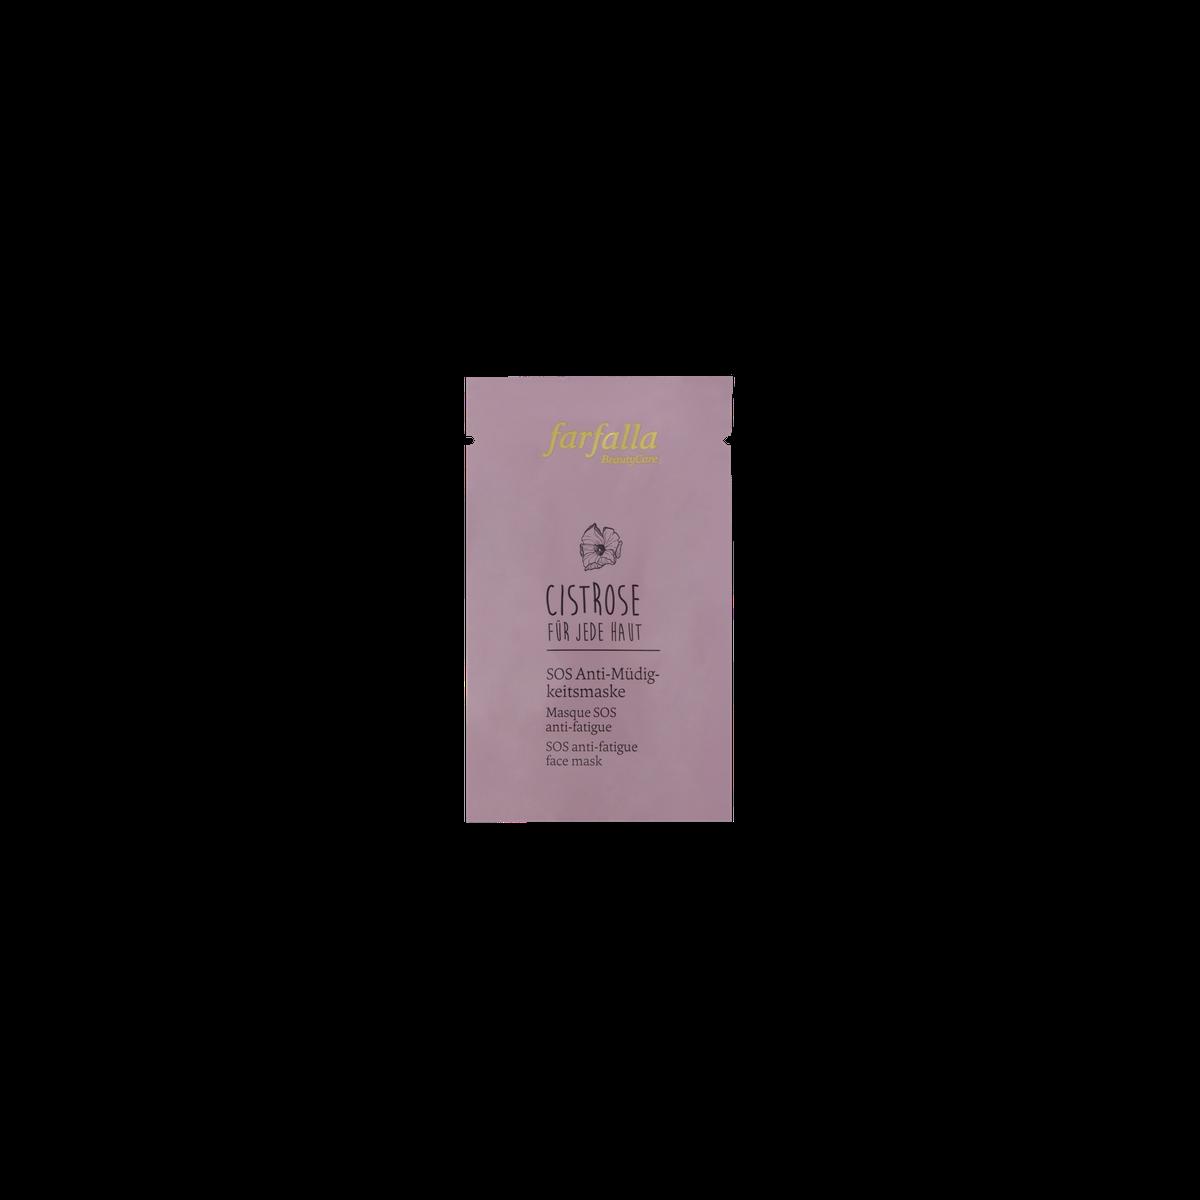 farfalla Cistrose Für jede Haut, SOS Anti-Müdigkeitsmaske 7ml